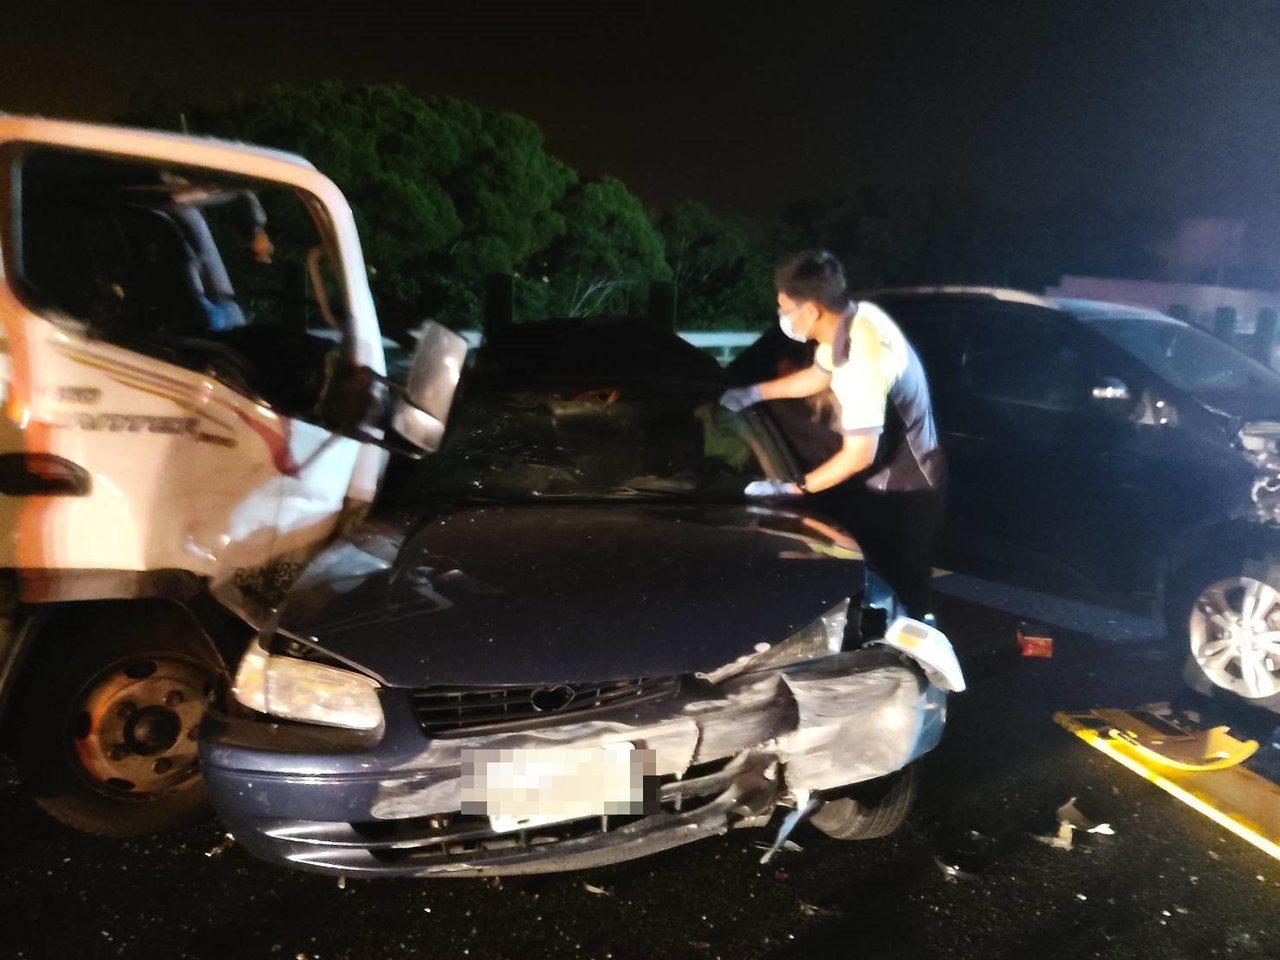 國道三號南下117.9公里竹南路段,昨天深夜11點多發生事故,傳出有2人無生命徵...